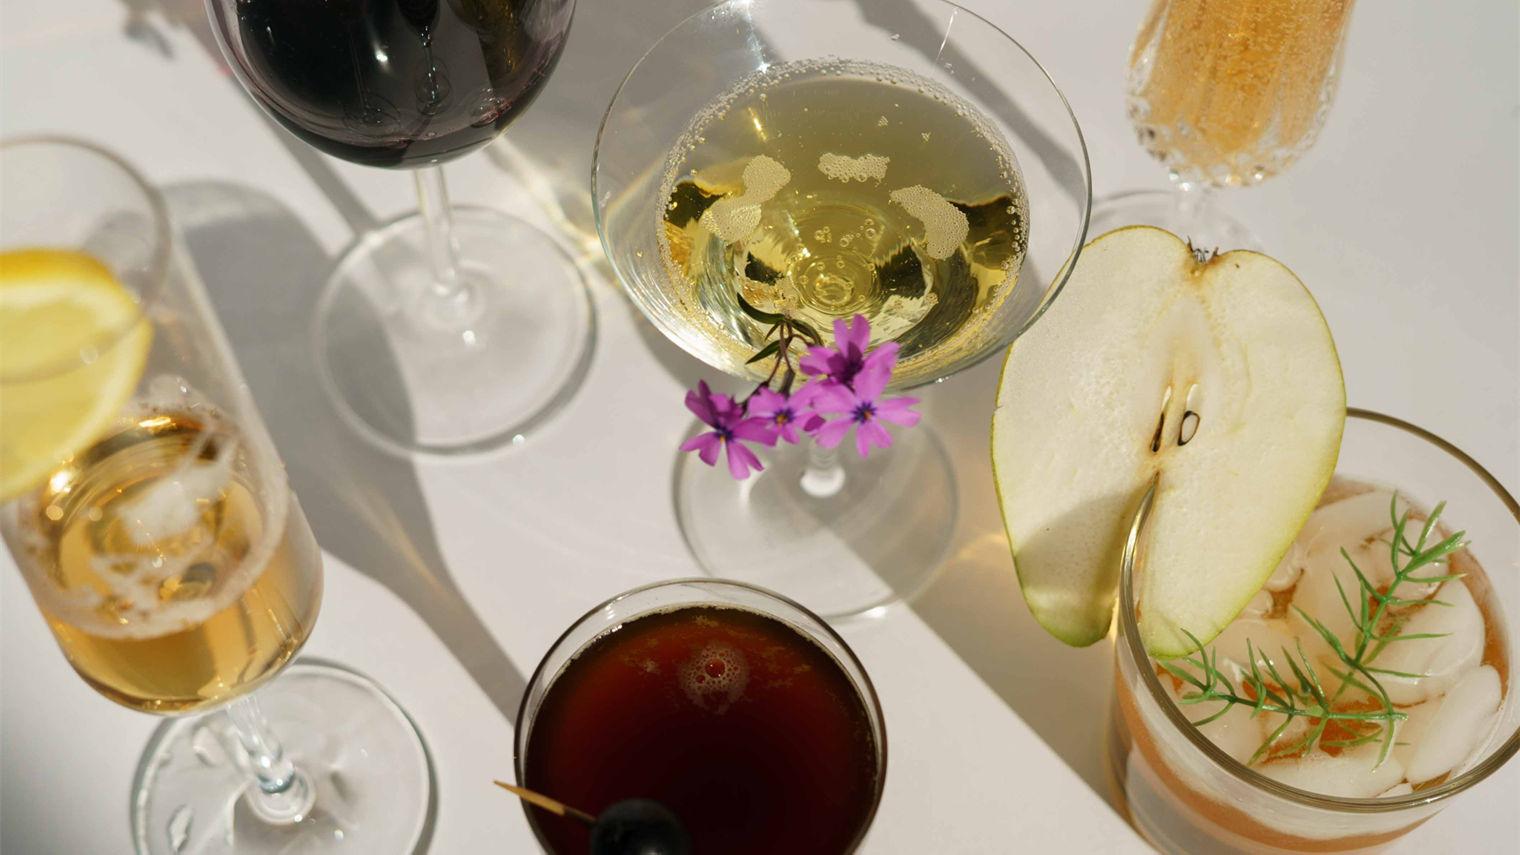 碧桂园投资果酒,微醺的生意能做多大?